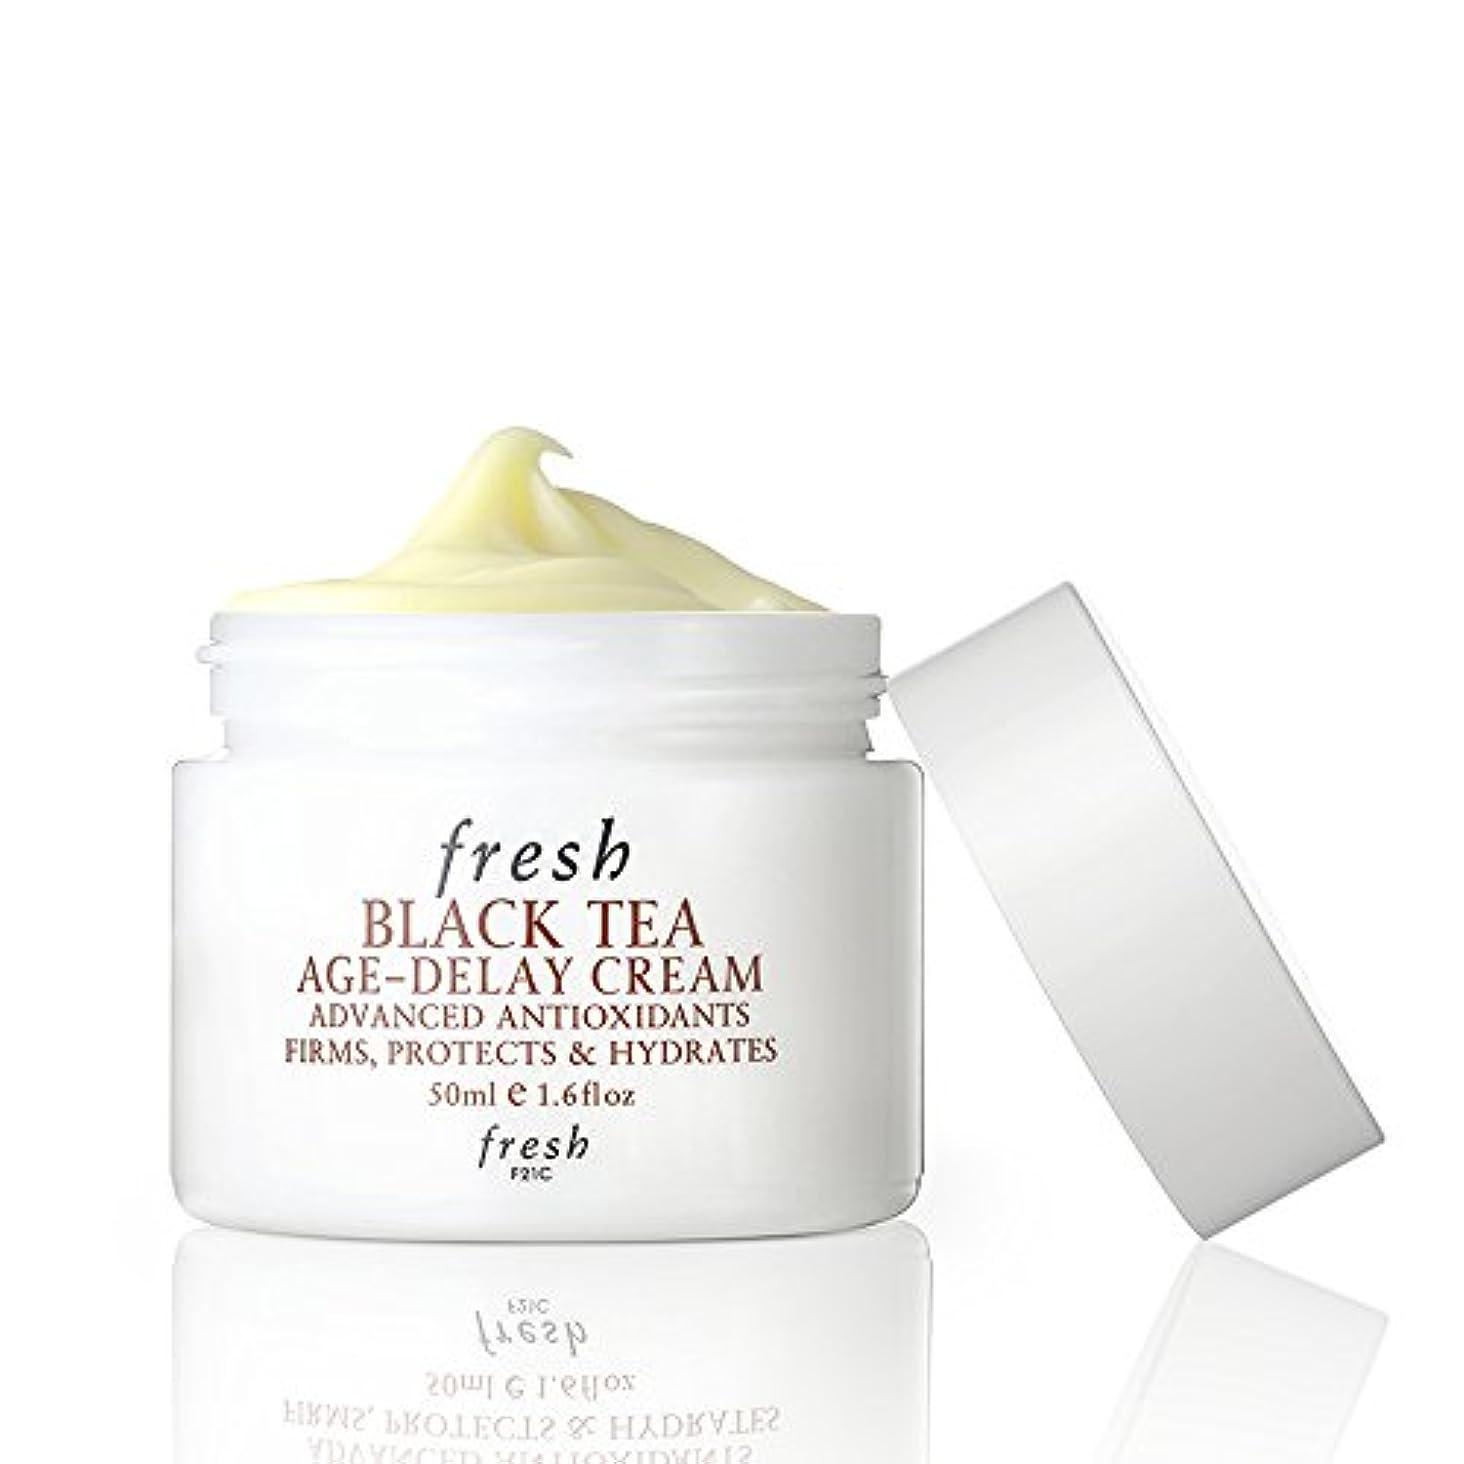 ジョージハンブリー離れて雄弁フレッシュ Black Tea Age-Delay Cream 50ml [海外直送品]